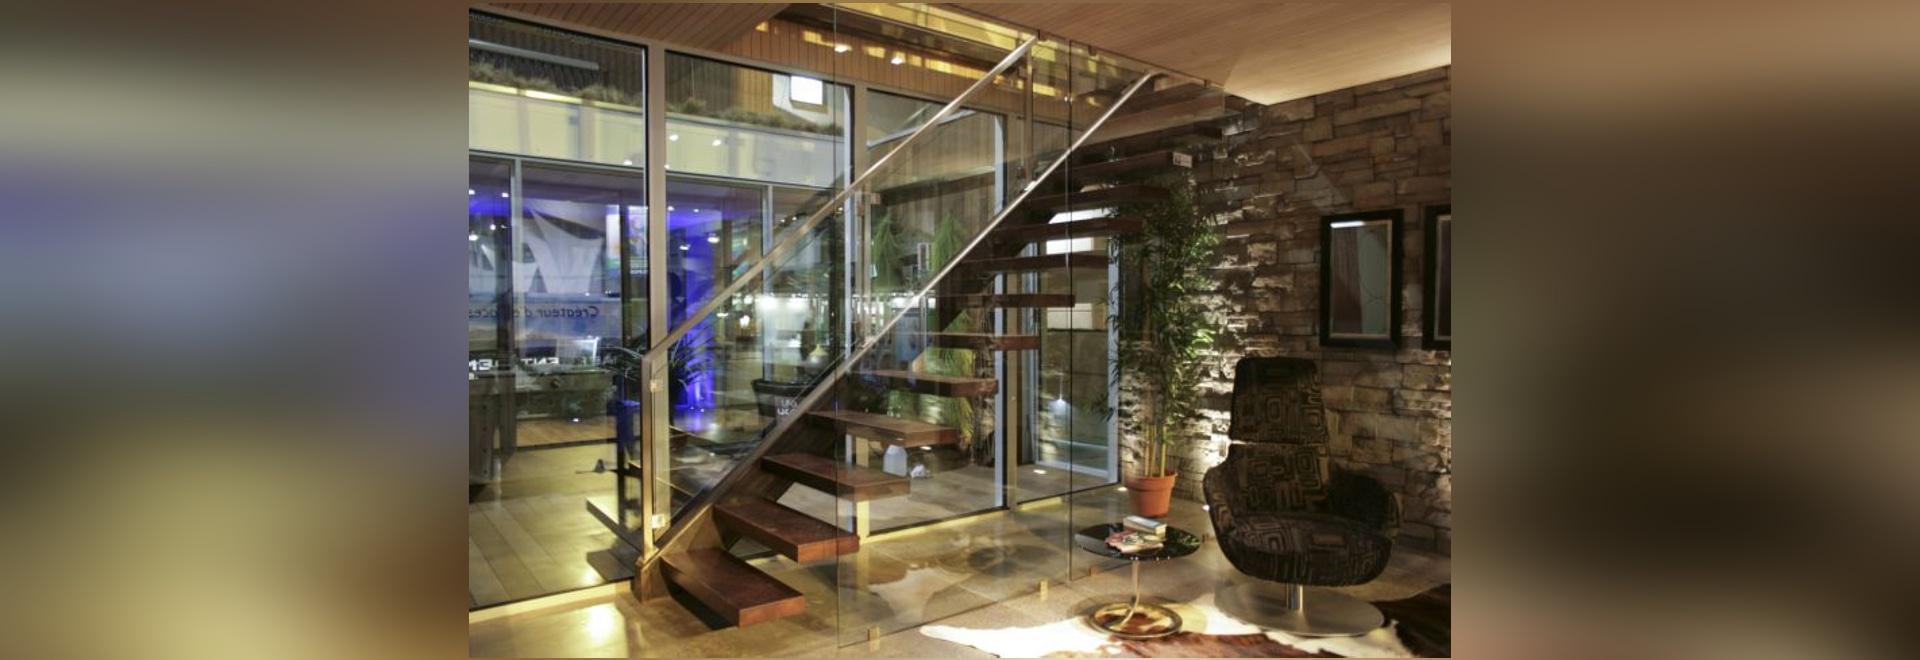 NOUVEAUTÉ : escalier droit by BATTIG DESIGN - BATTIG DESIGN